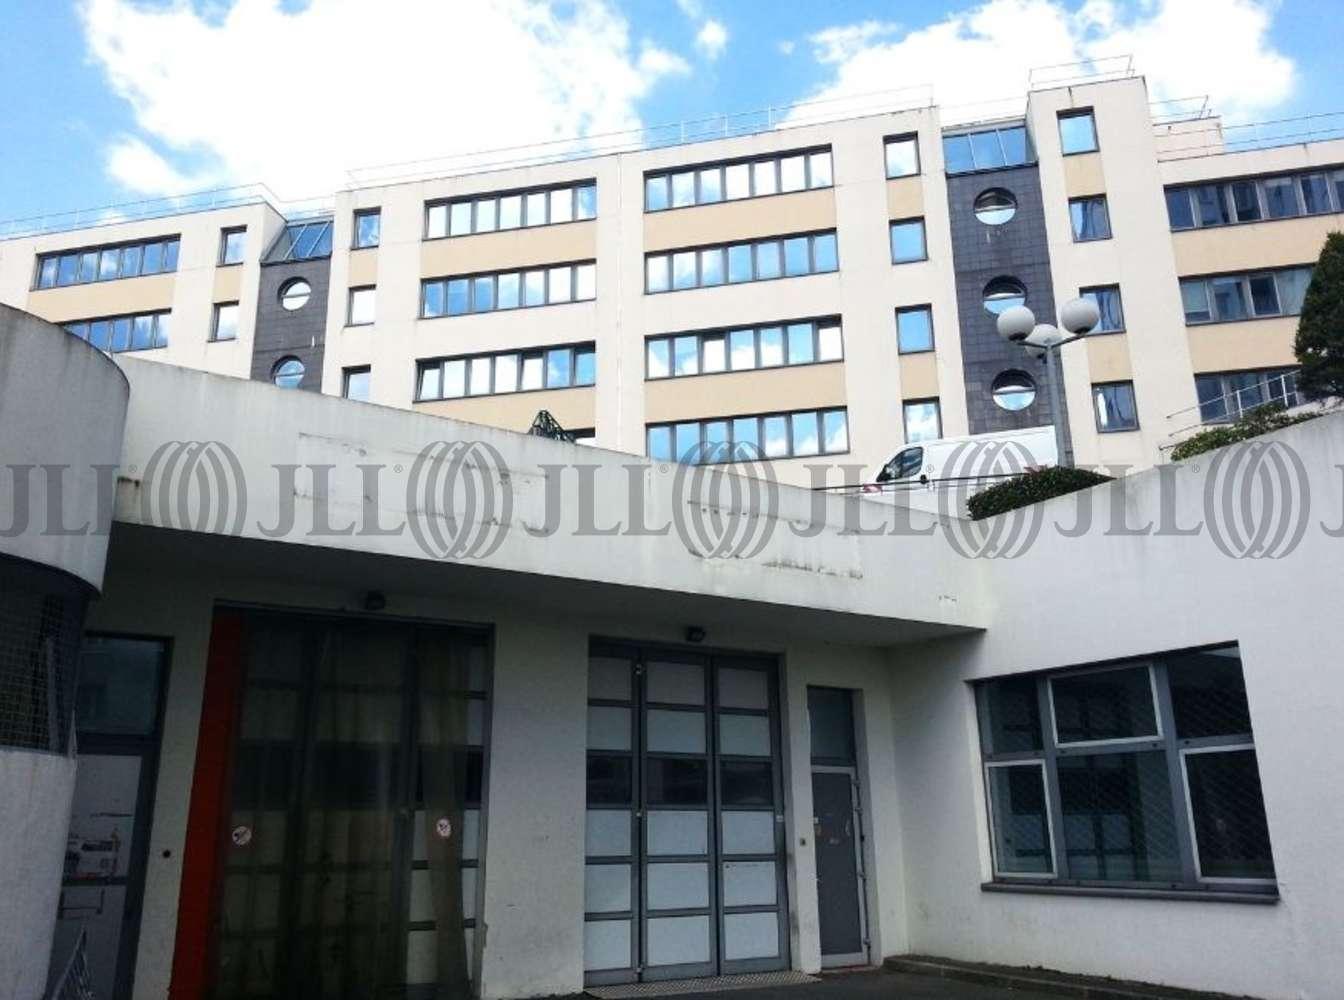 Activités/entrepôt Epinay sur seine, 93800 - SEINE PREMIERE - 9464915